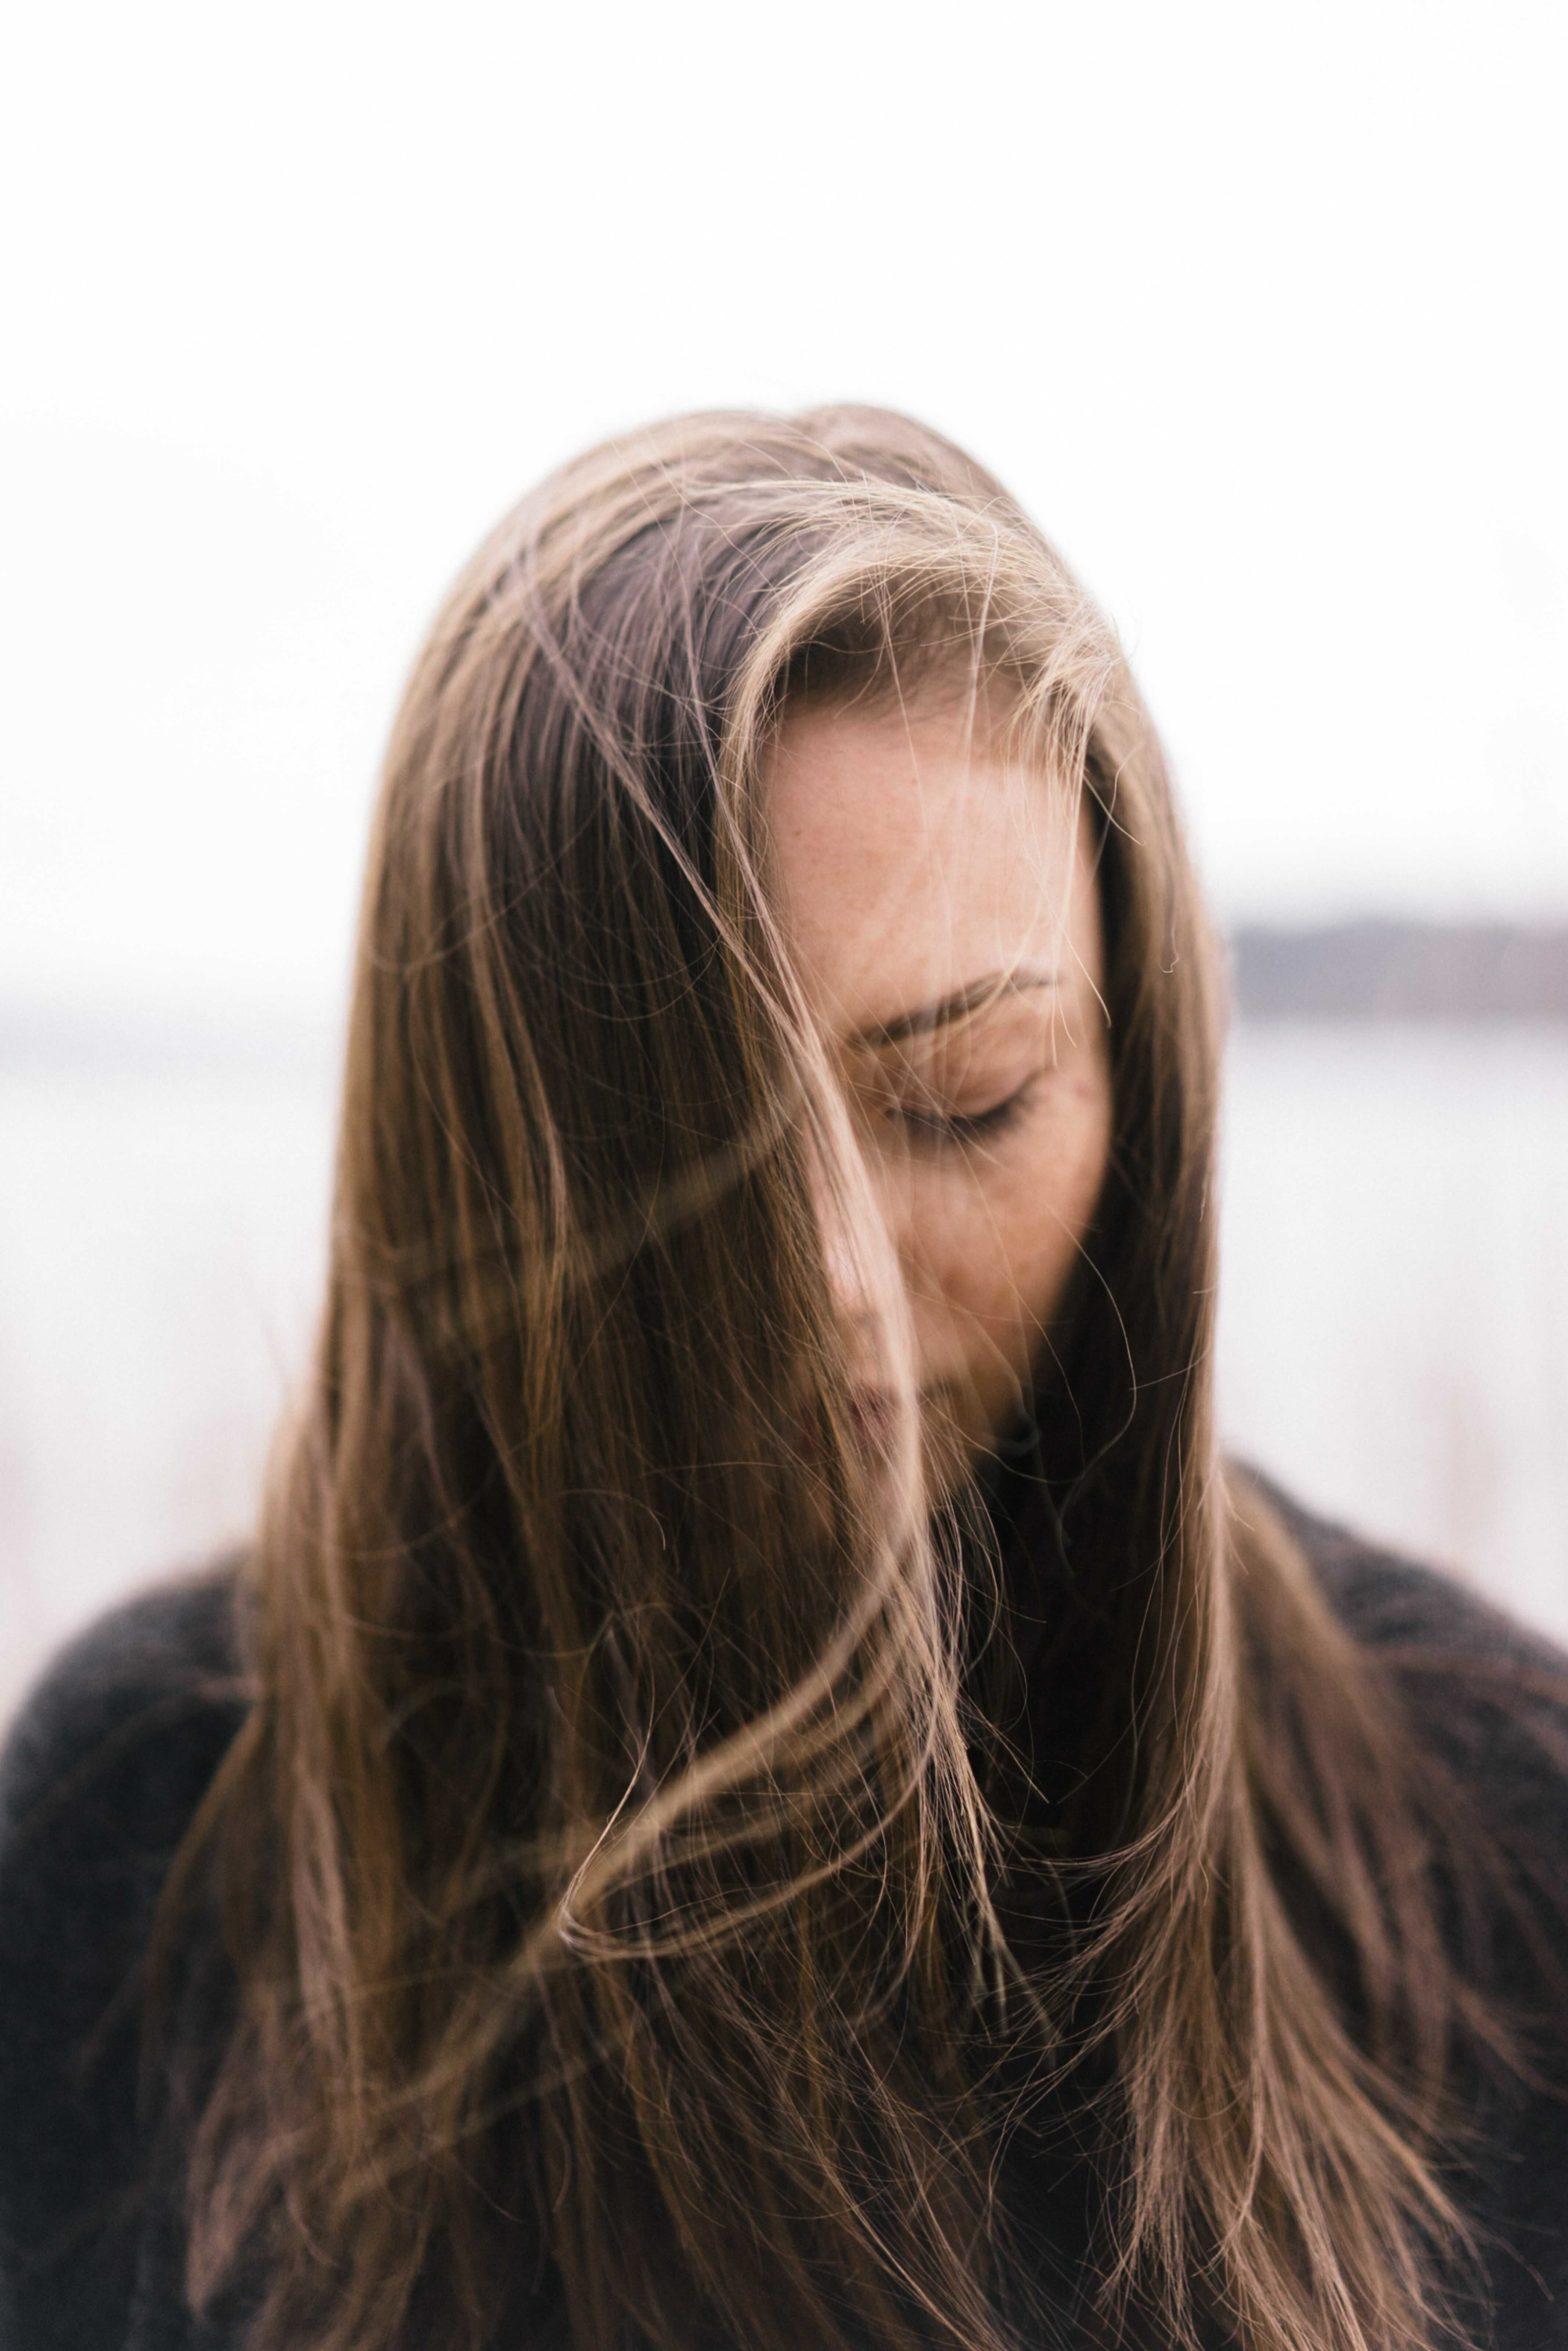 בני נוער וילדים רבים סובלים מהצקות, כך תלמדו לזהות זאת